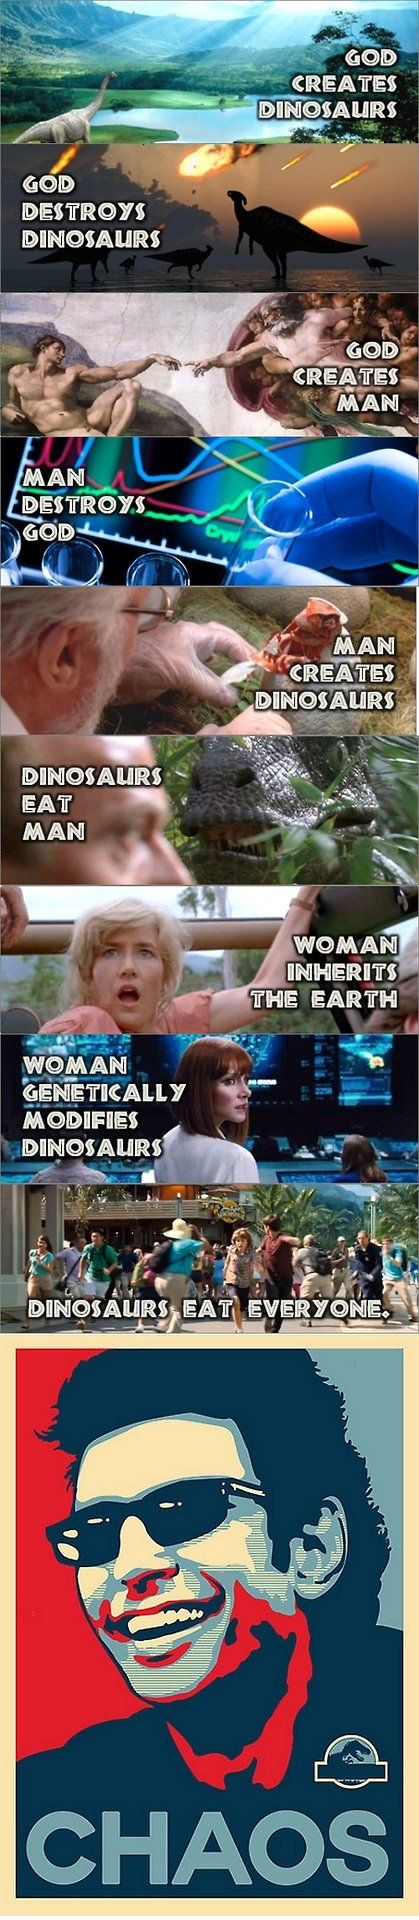 Jajajaja Frases Célebres Del Cine Adaptación Jurassic